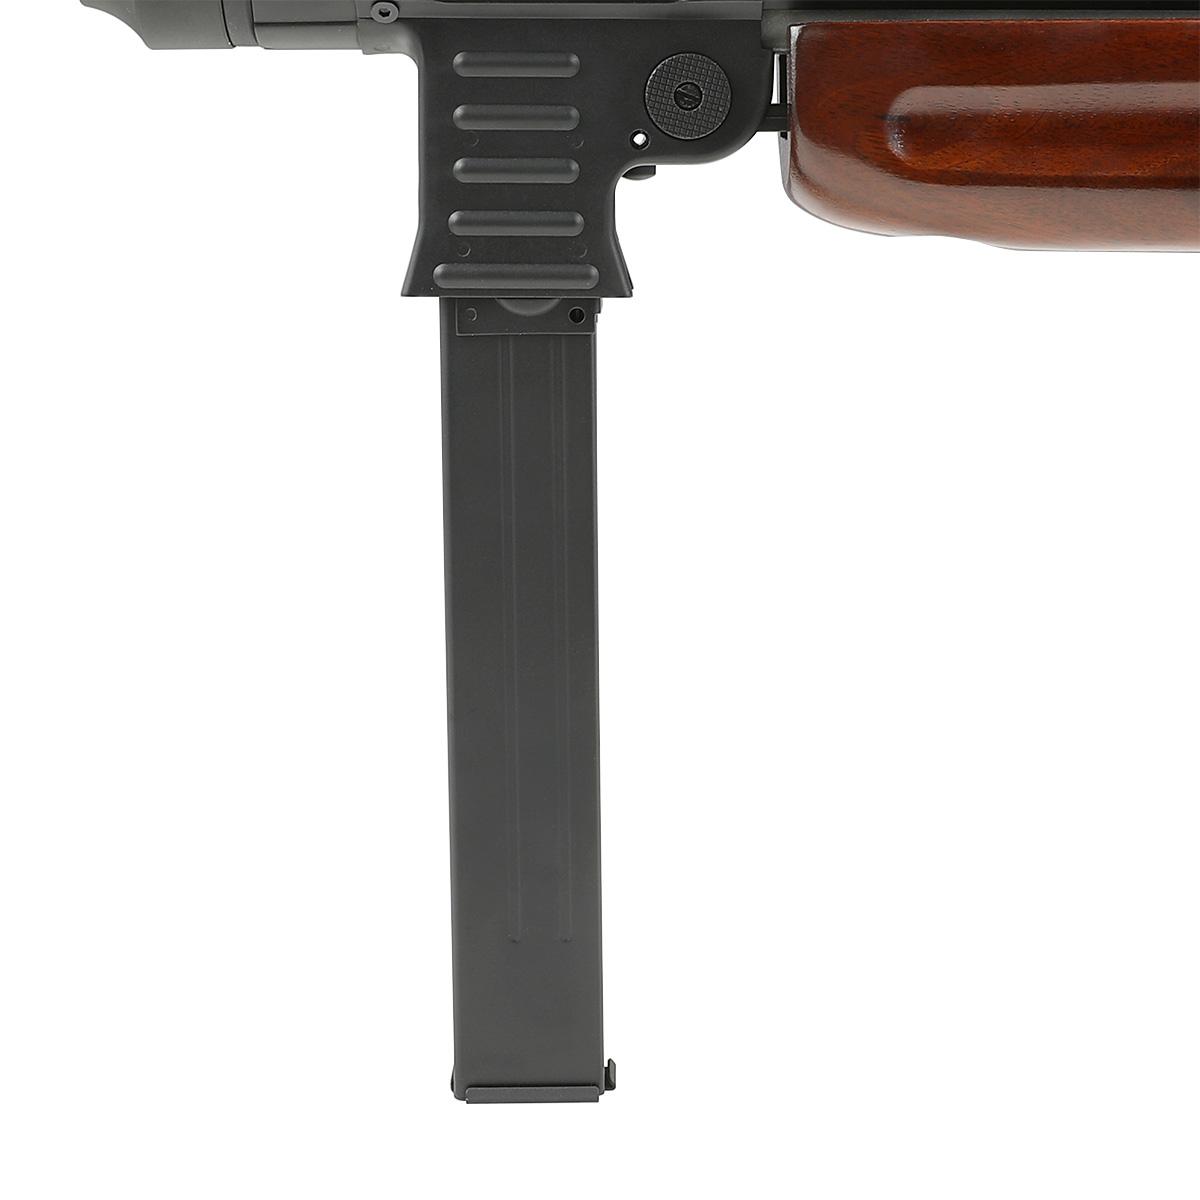 【同梱不可】 SRC MP41 フルメタル電動ガン NV (リアルウッド EBB JP Ver.) 【配送業者:佐川急便限定】